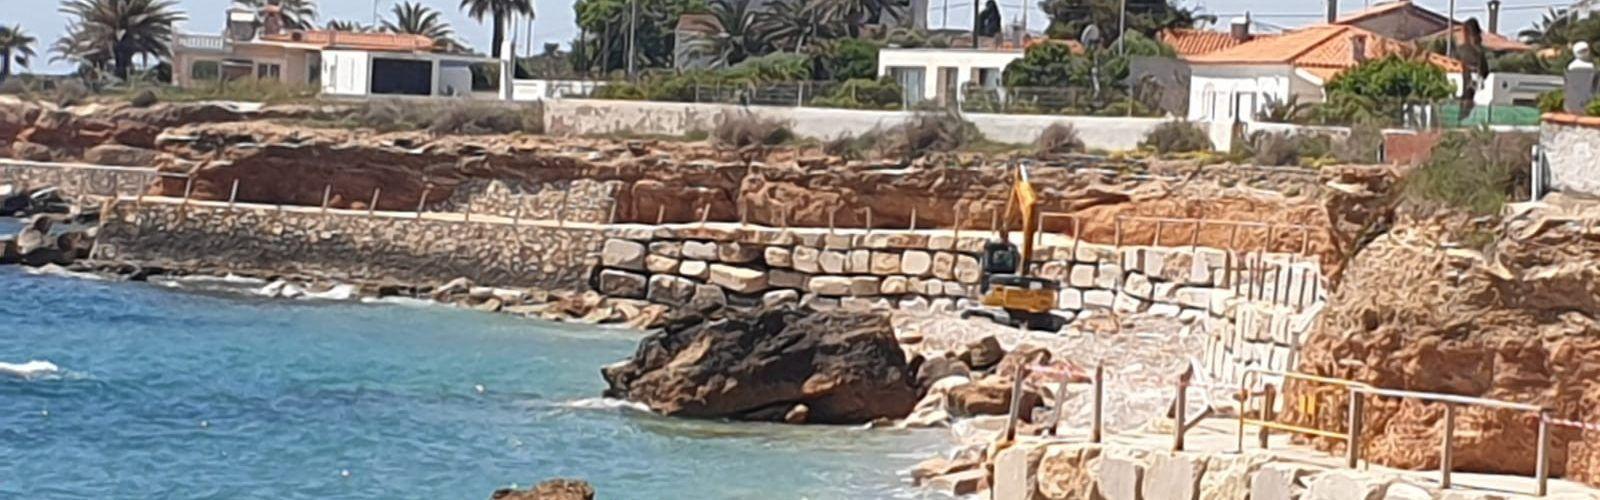 Costes i l'Ajuntament de Vinaròs avancen amb les tasques d'adequació del litoral de la Costa Nord